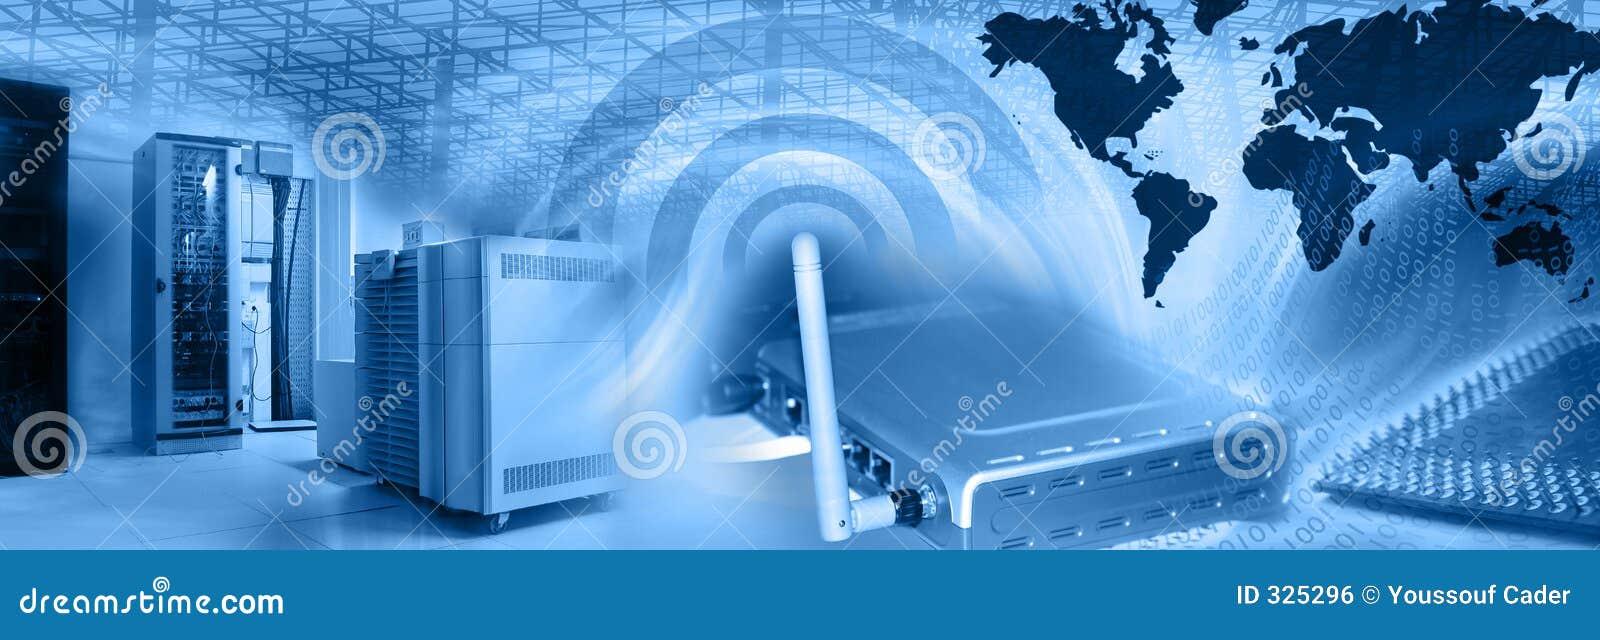 Drahtlose Web-Bewirtung Montage-Blau